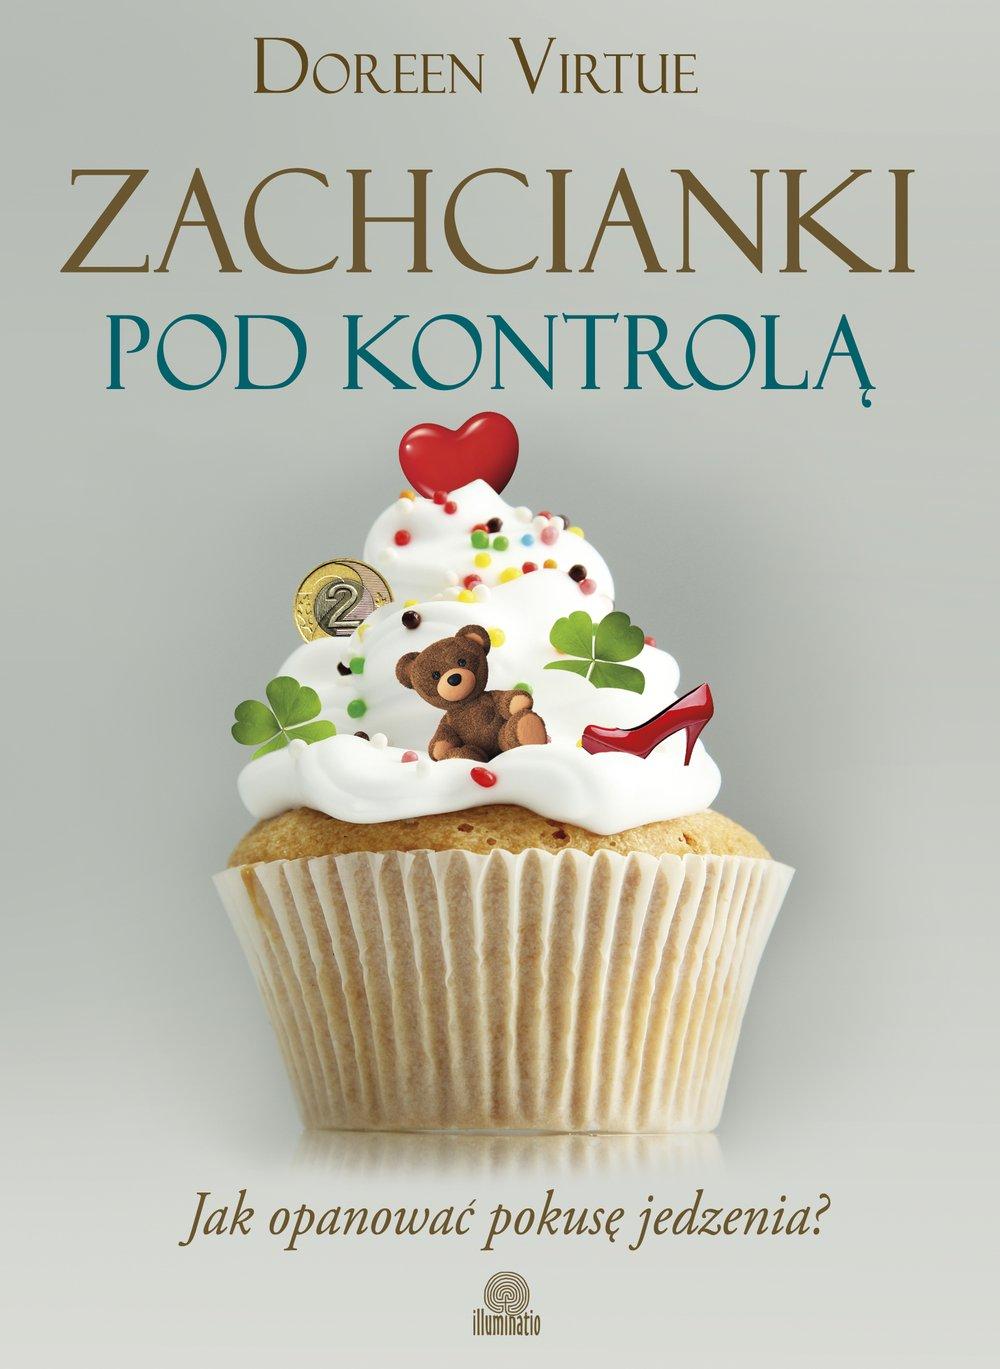 Zachcianki pod kontrolą. Jak opanować pokusę jedzenia? - Ebook (Książka EPUB) do pobrania w formacie EPUB